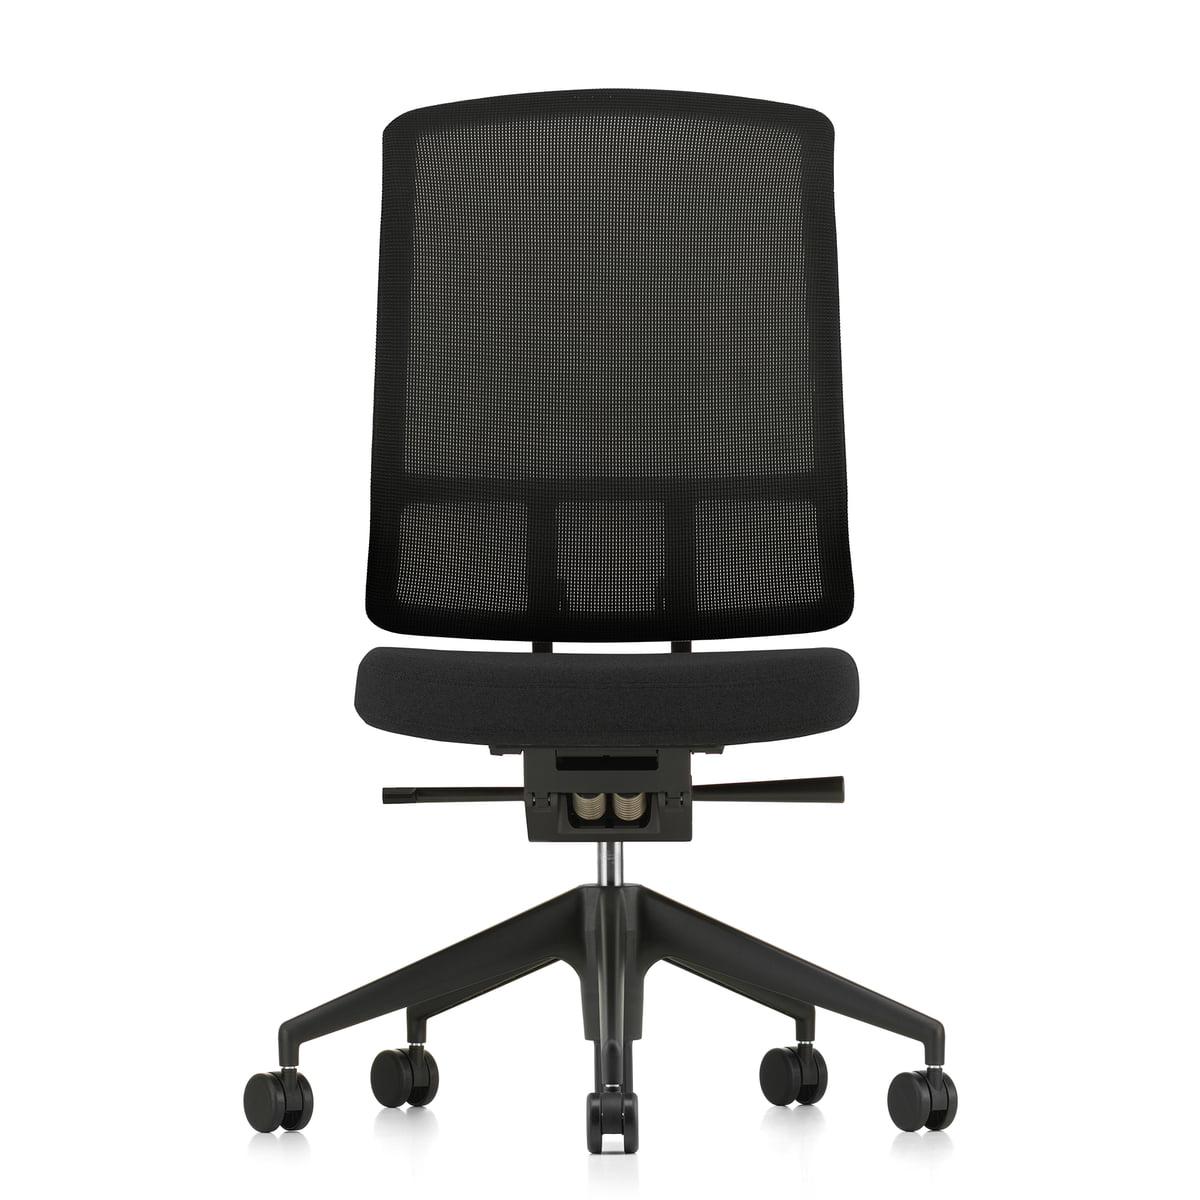 Chaise am de vitra boutique connox for Boutique vitra